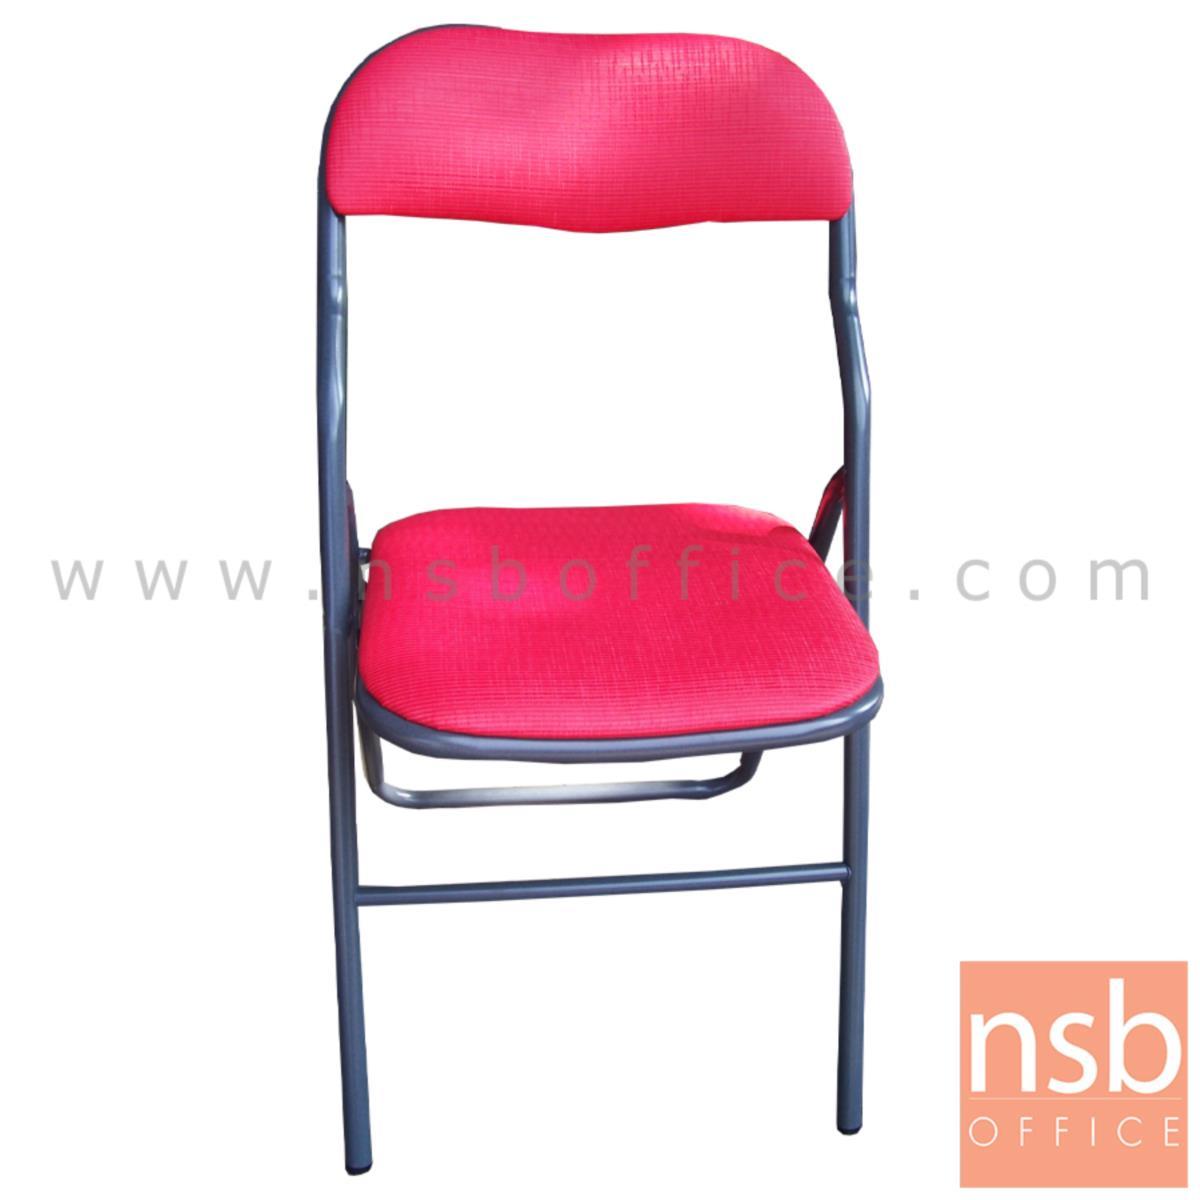 B10A006:เก้าอี้พับที่นั่งหุ้มเบาะหนัง รุ่น Luciana (ลูเซียน่า) ขาเหล็กพ่นสีดำ